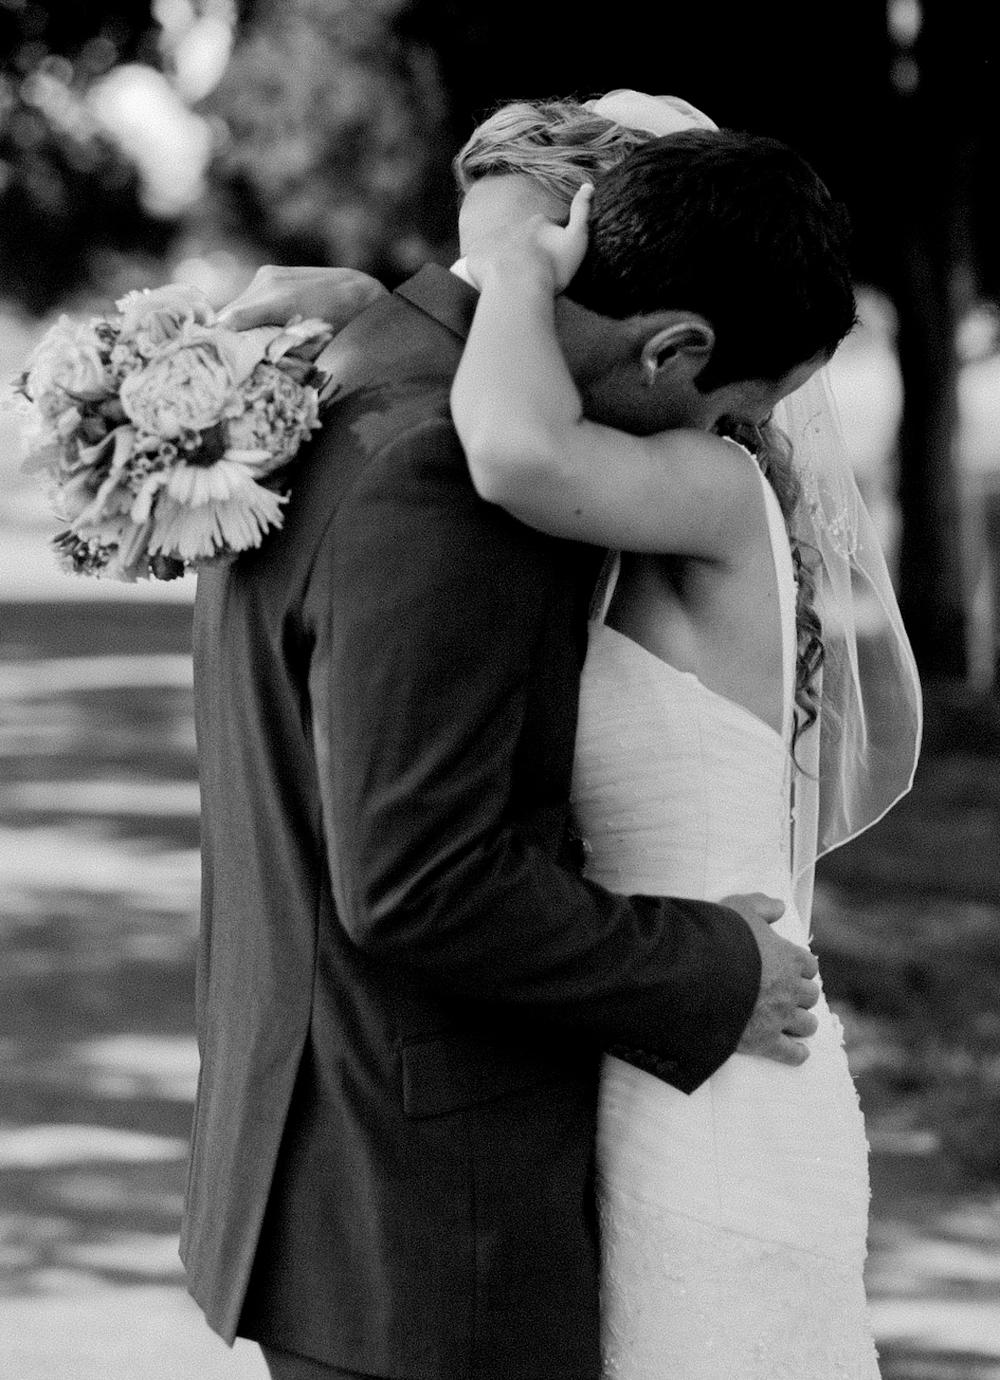 becca_nick_maryland_wedding_photographer_walkers_overlook_wedding_photography86of166.jpg~original.jpeg